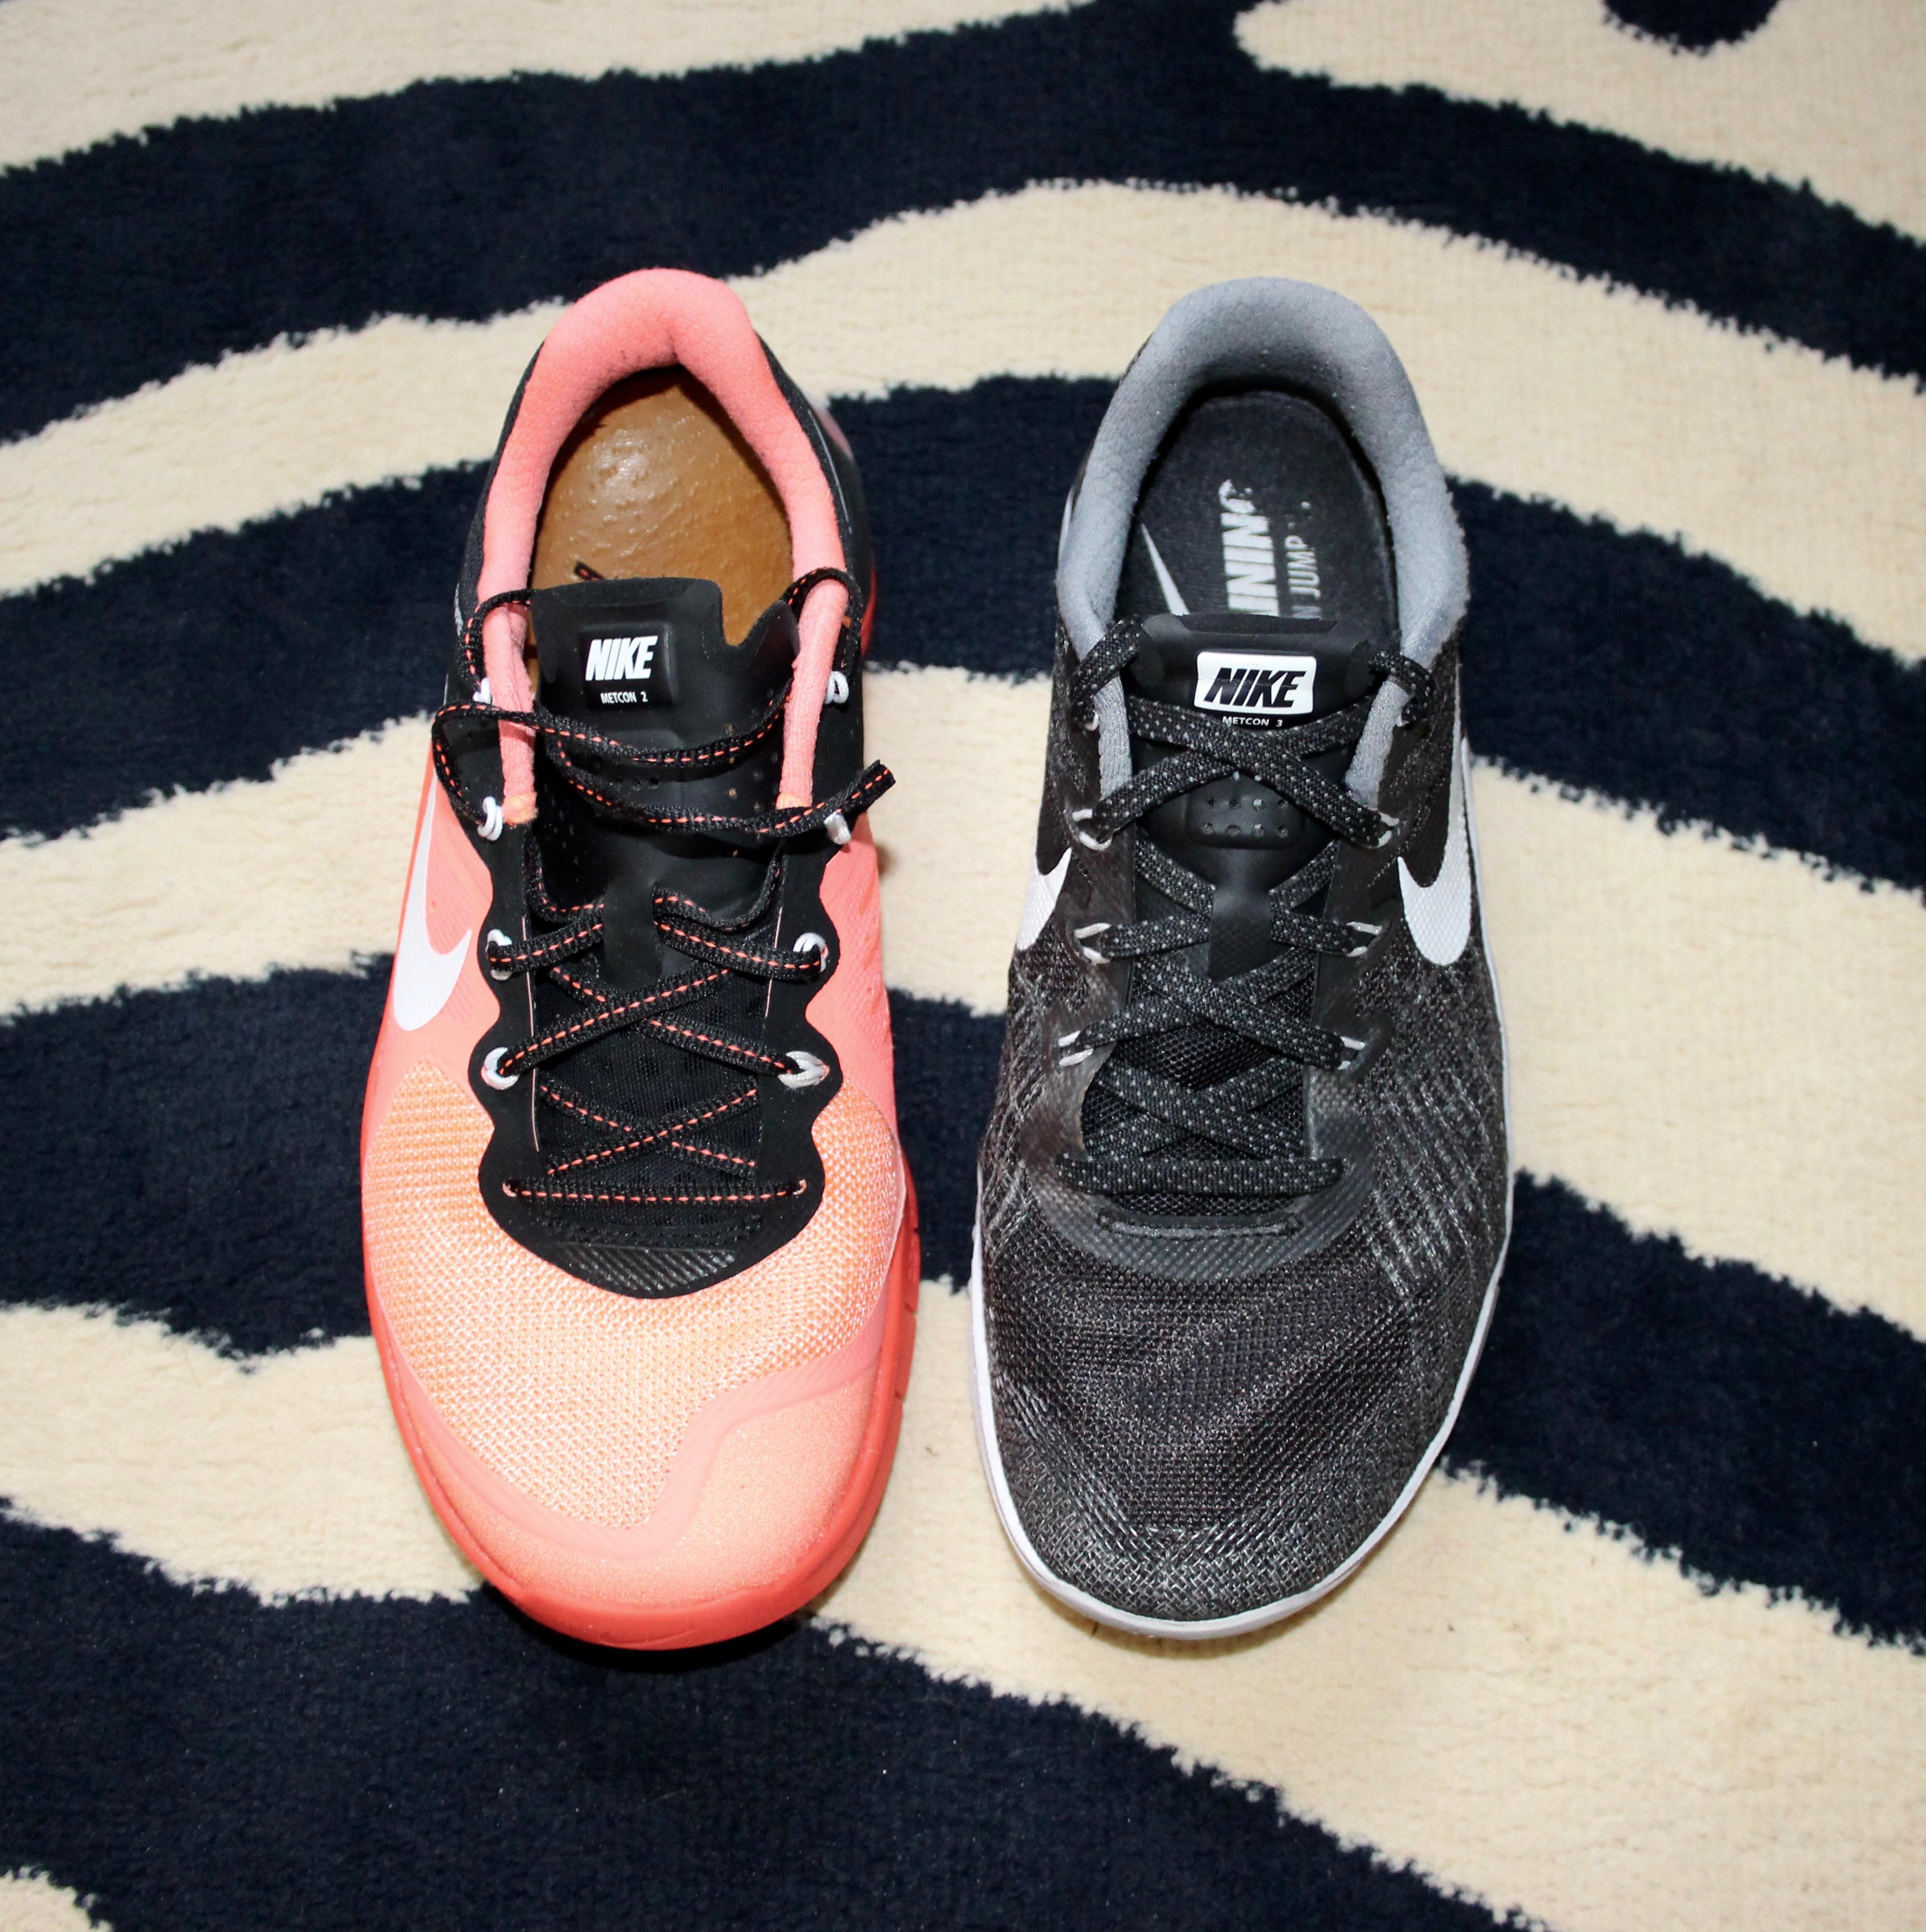 Testé Les J'ai 3 Metcon Nike vwONm8n0